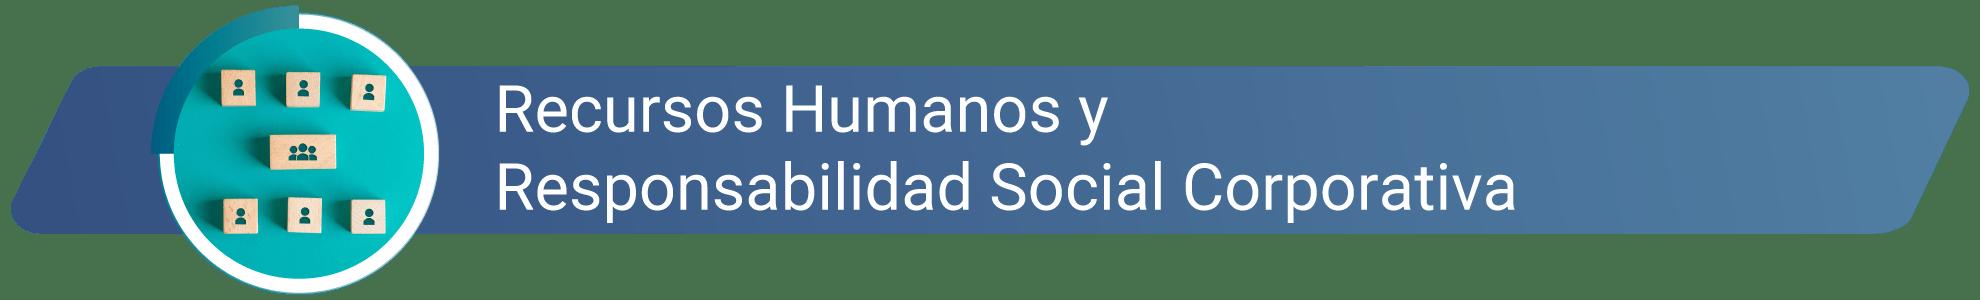 Recursos humanos y responsabilidad social corporativa